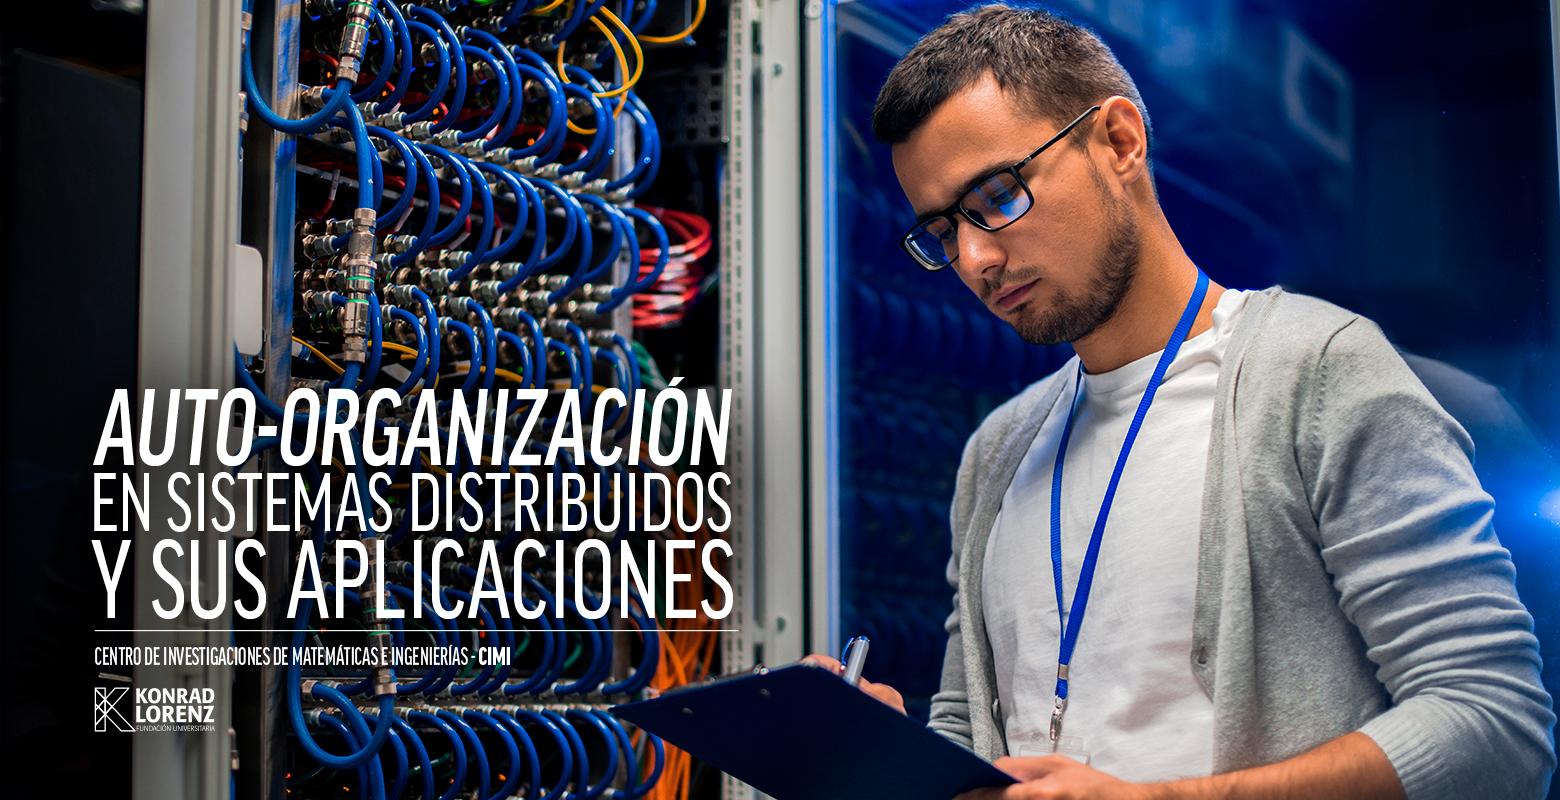 Auto-organización en sistemas distribuidos y sus aplicaciones